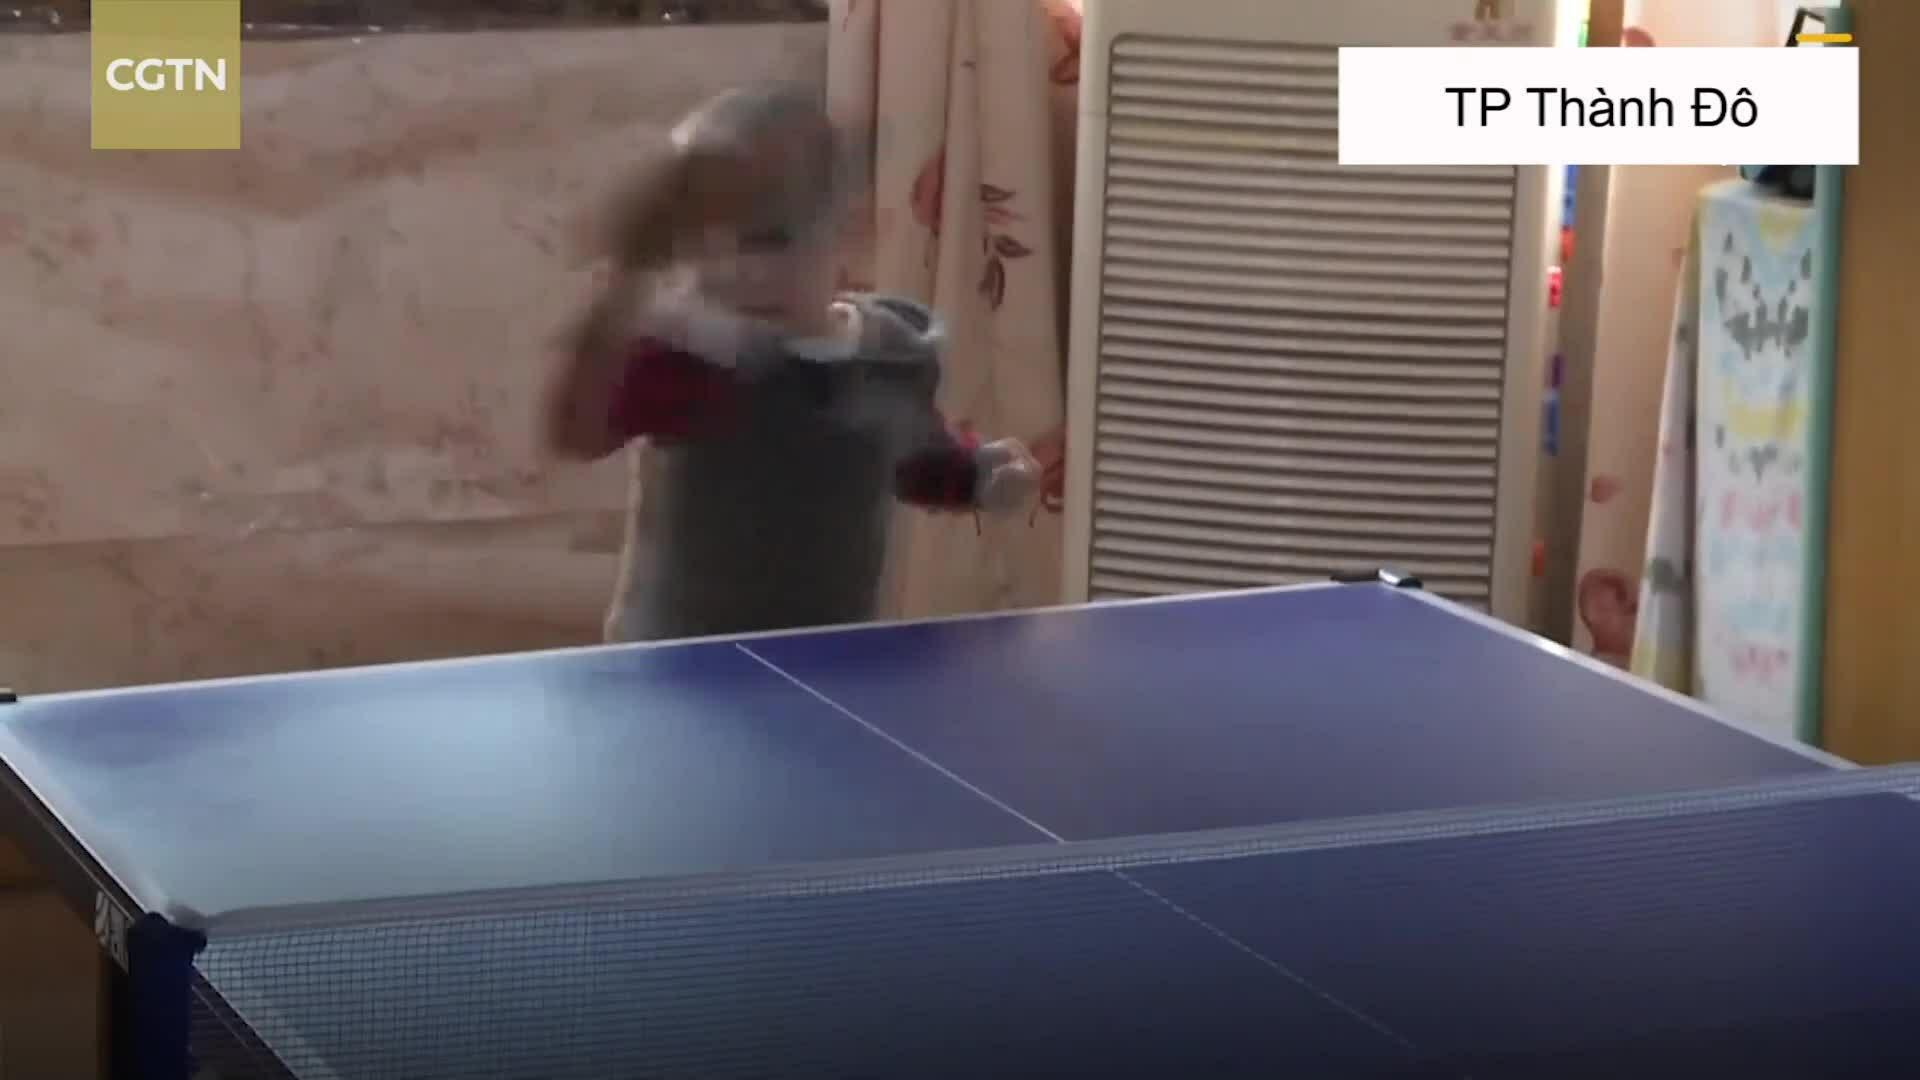 Bé 3 tuổi nổi tiếng nhờ tài chơi bóng bàn